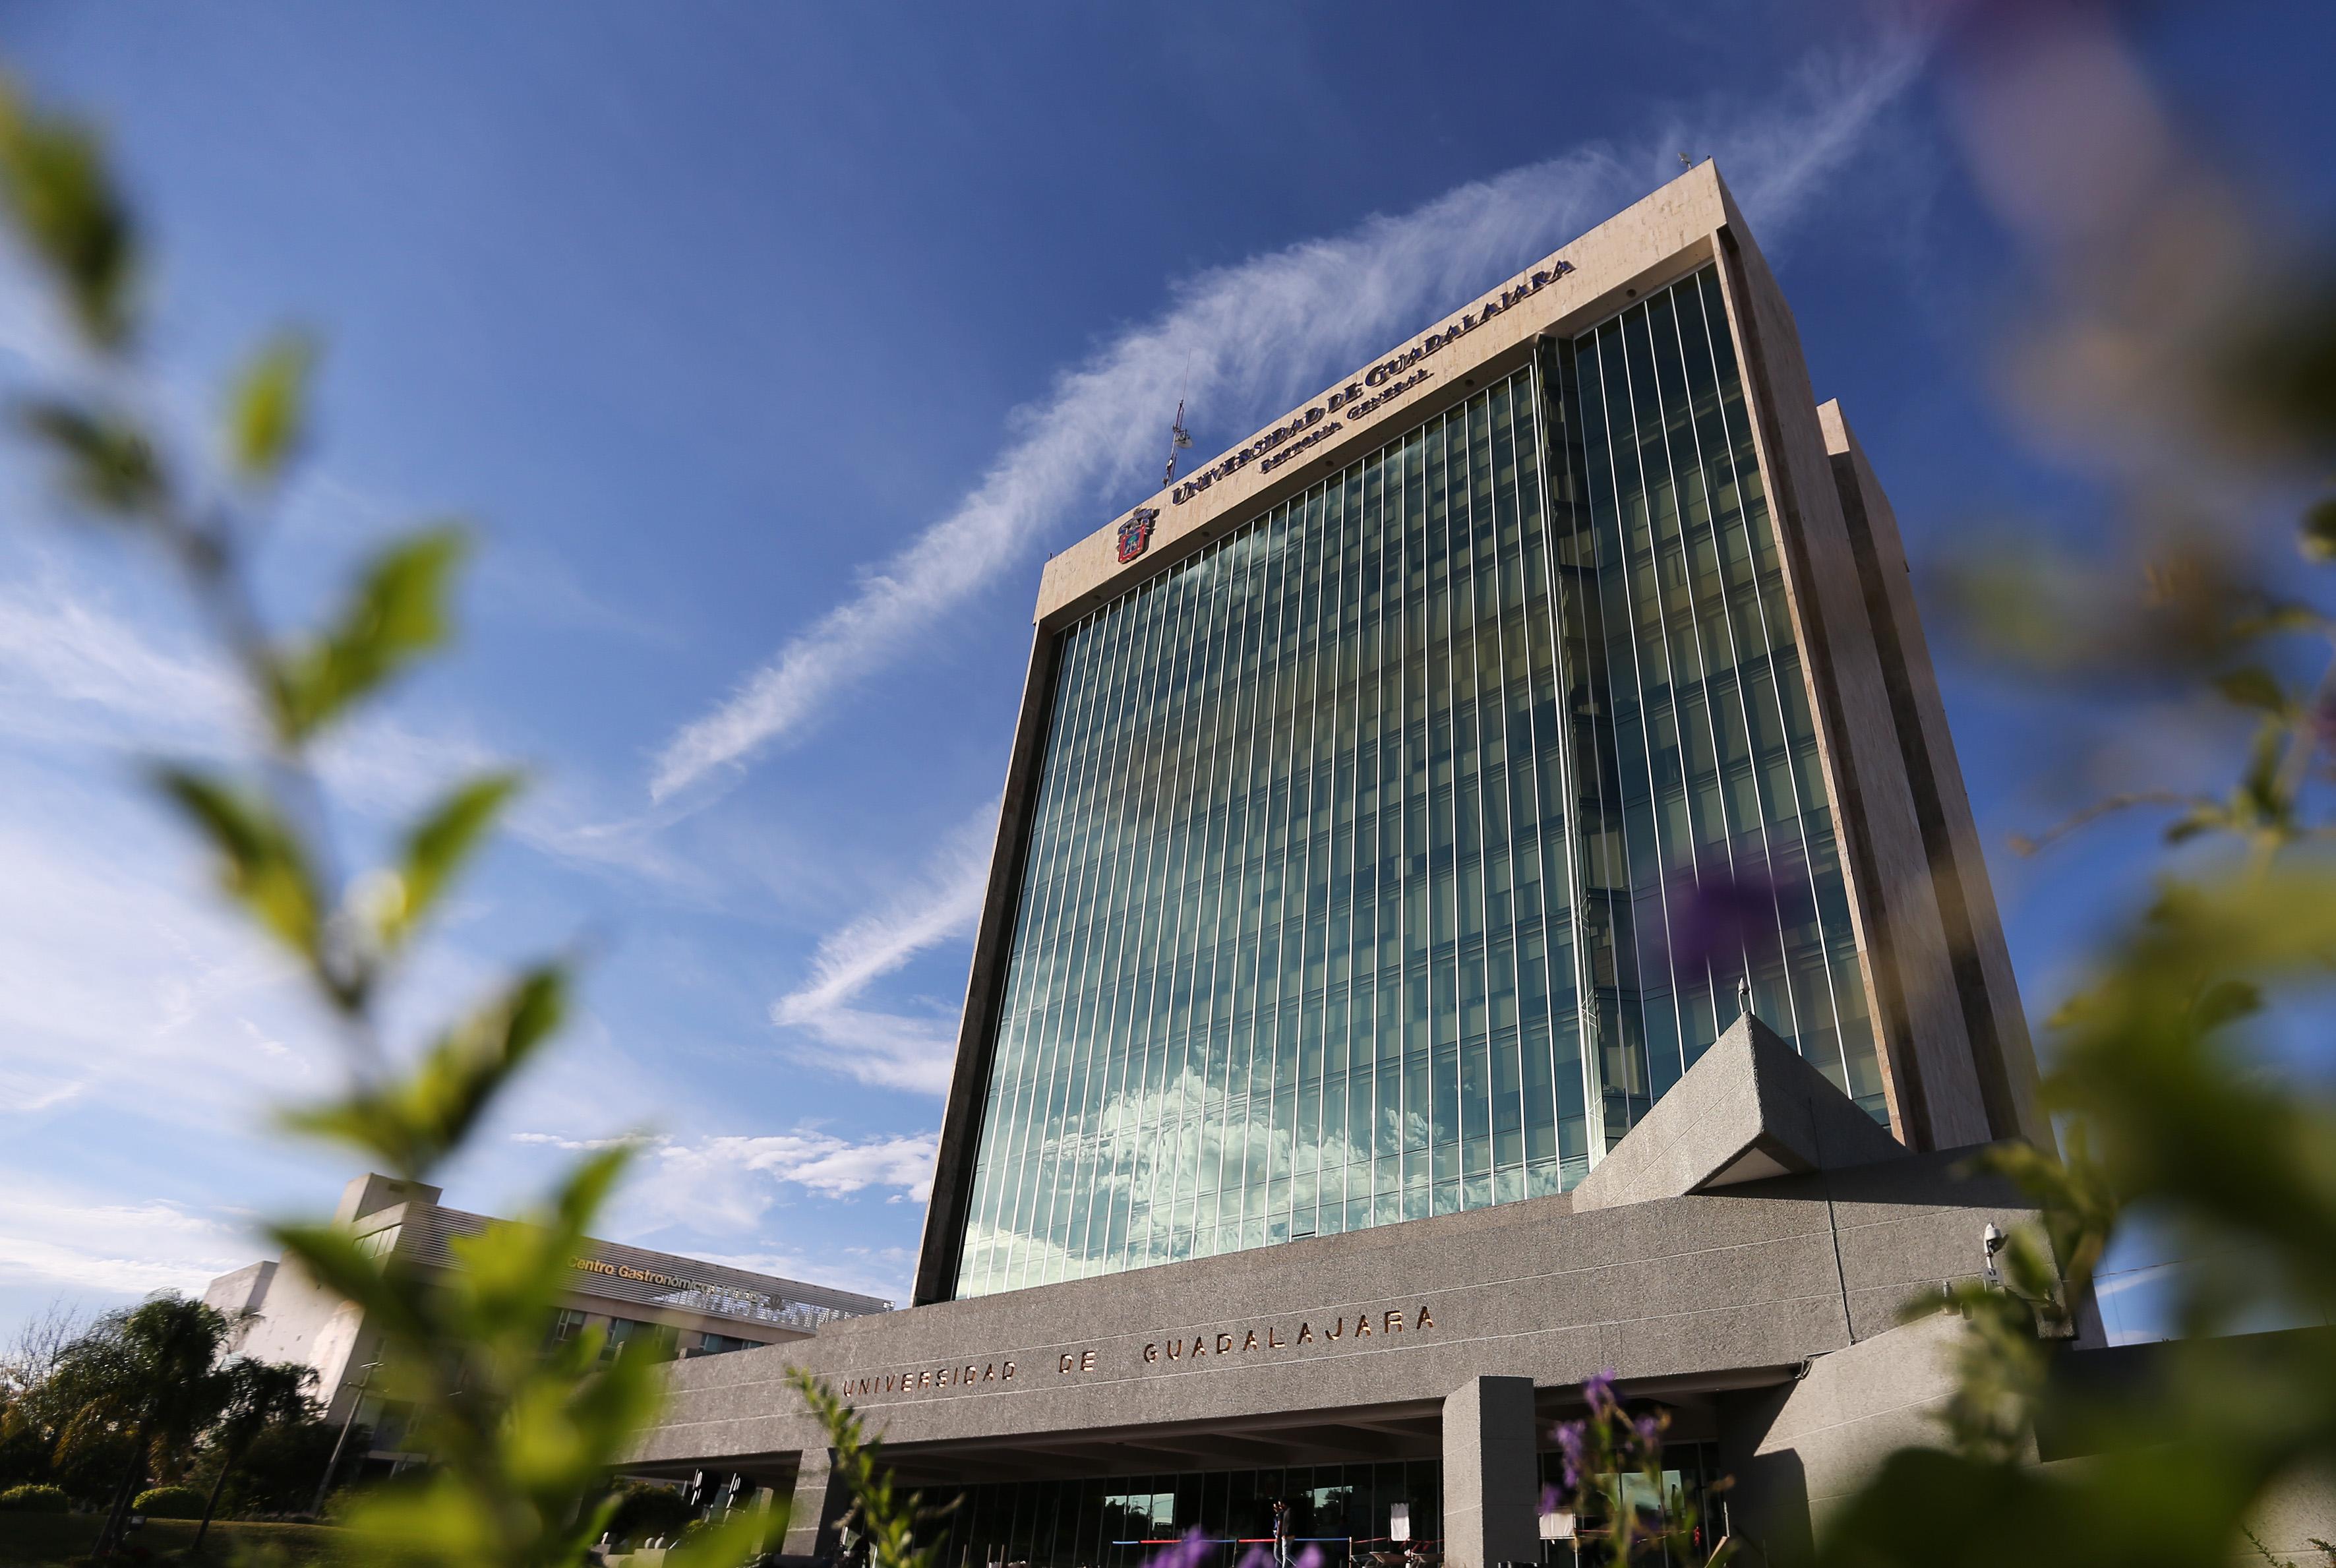 Edificio administrativo de la Universidad de Guadalajara